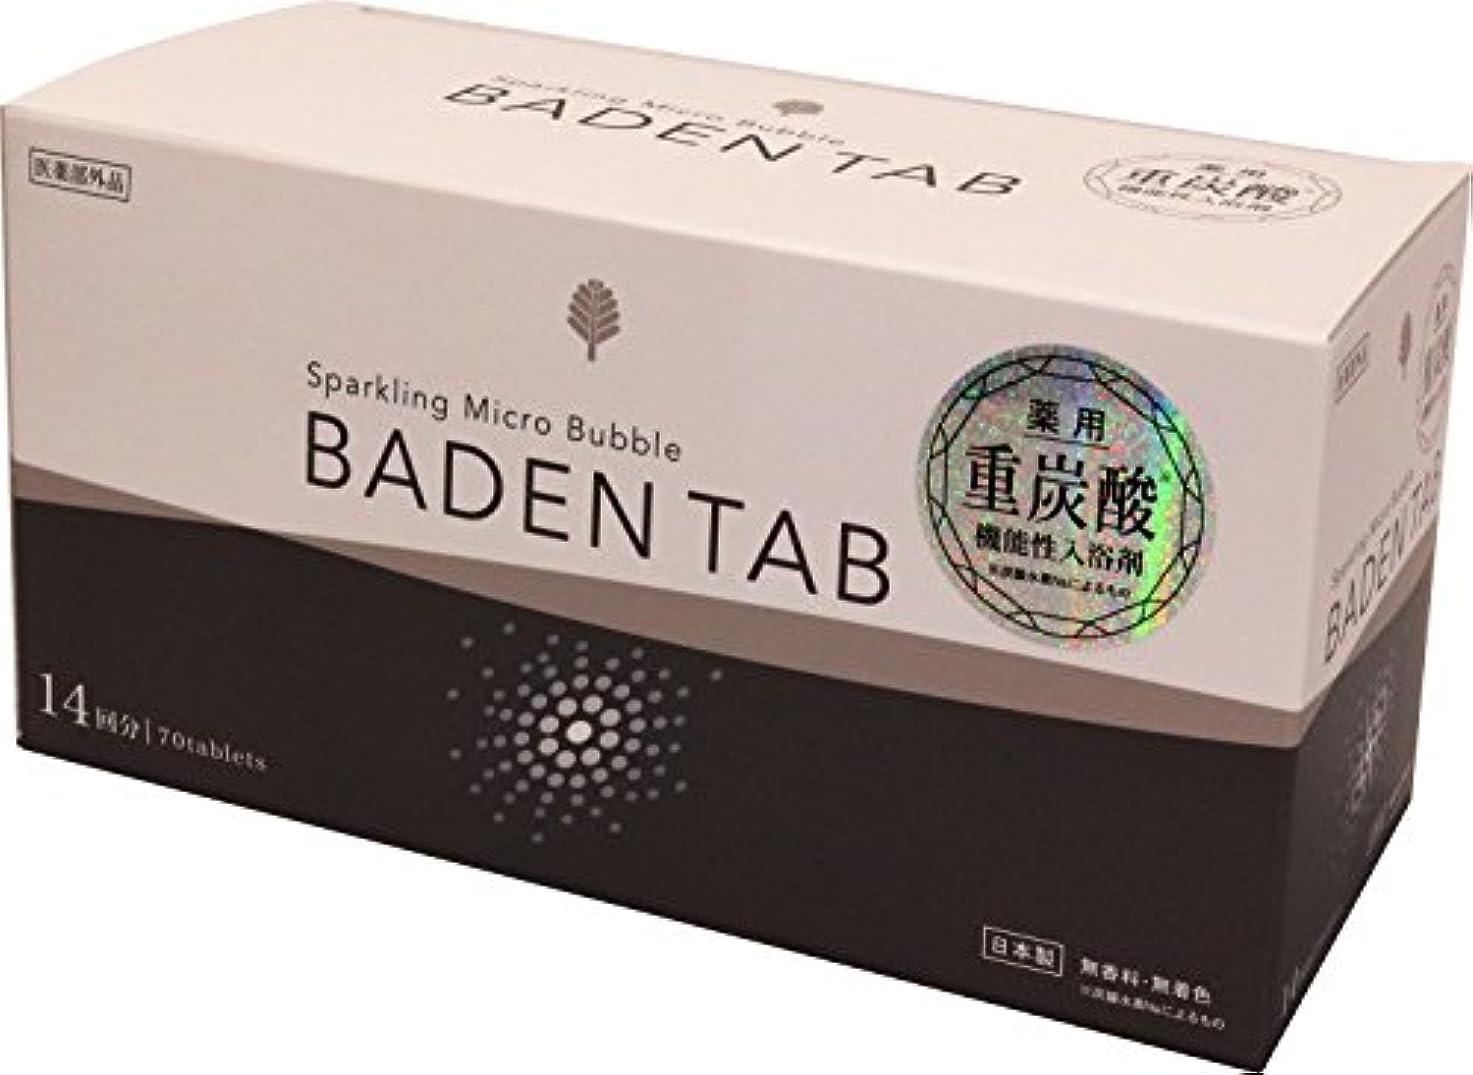 管理します便益コテージ紀陽除虫菊 薬用 重炭酸入浴剤 BADEN TAB バスタブレット (14回分) 70錠入り [医薬部外品]